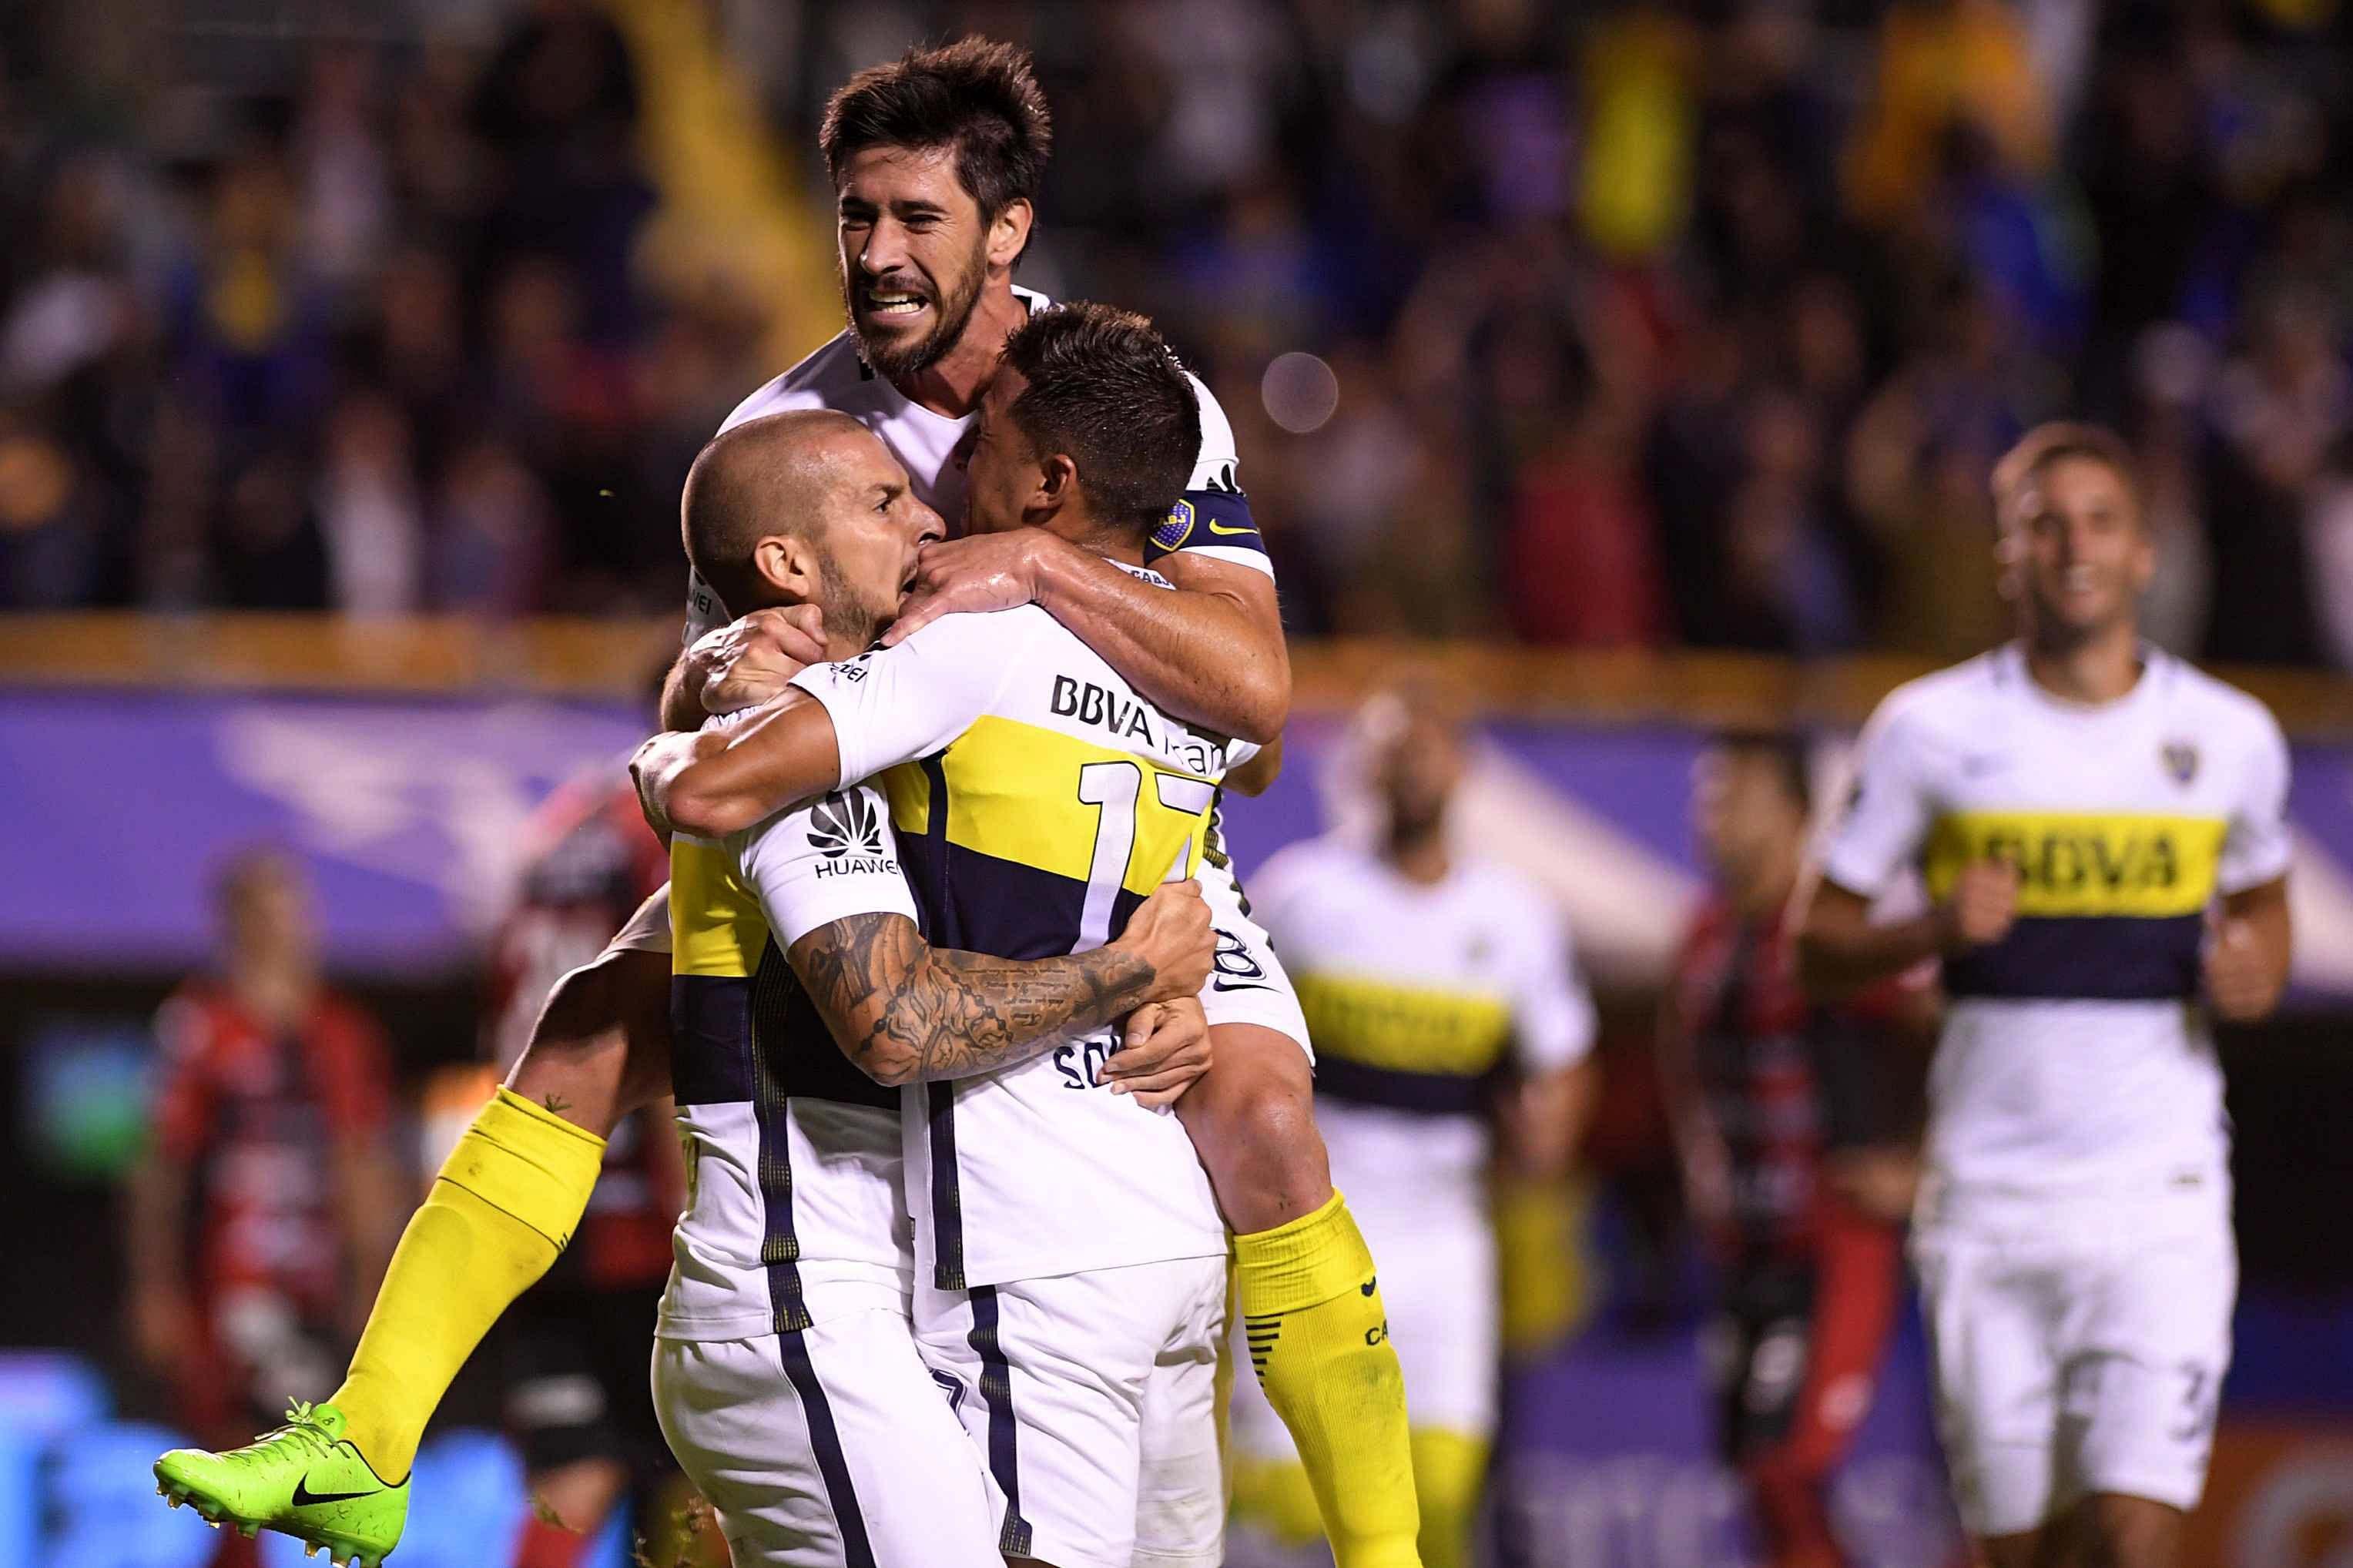 El festejo de los jugadores de Boca tras el gol de Benedetto